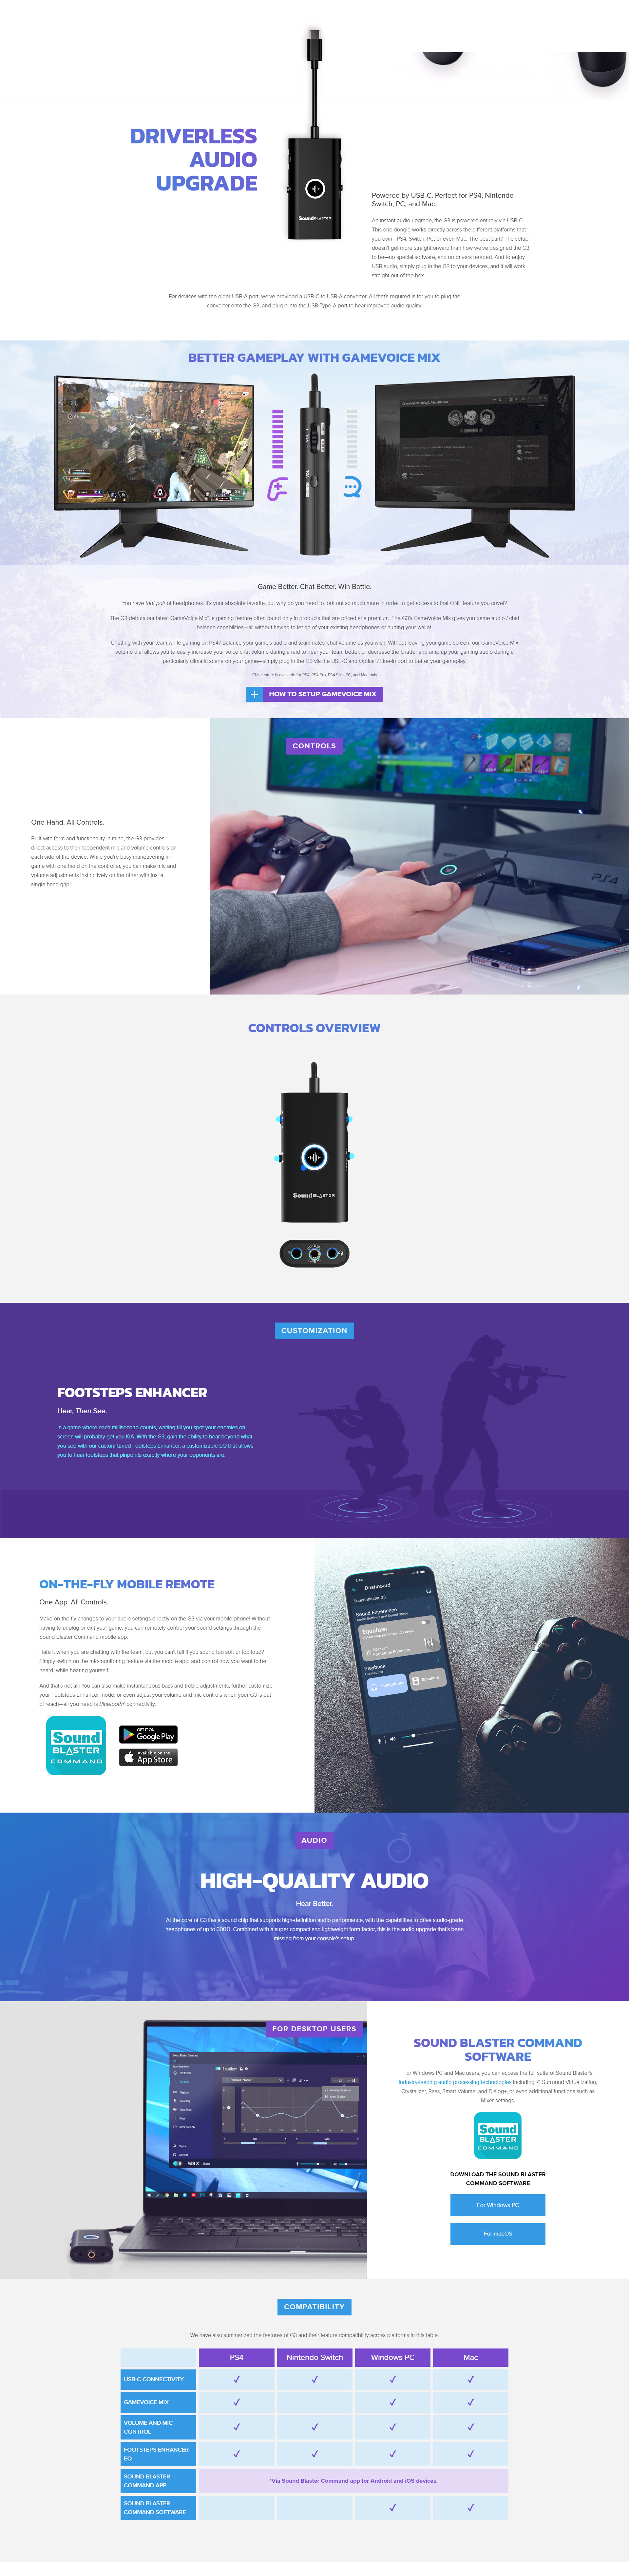 screencapture-au-creative-p-sound-blaster-sound-blaster-g3-2020-07-22-14_51_52.jpg